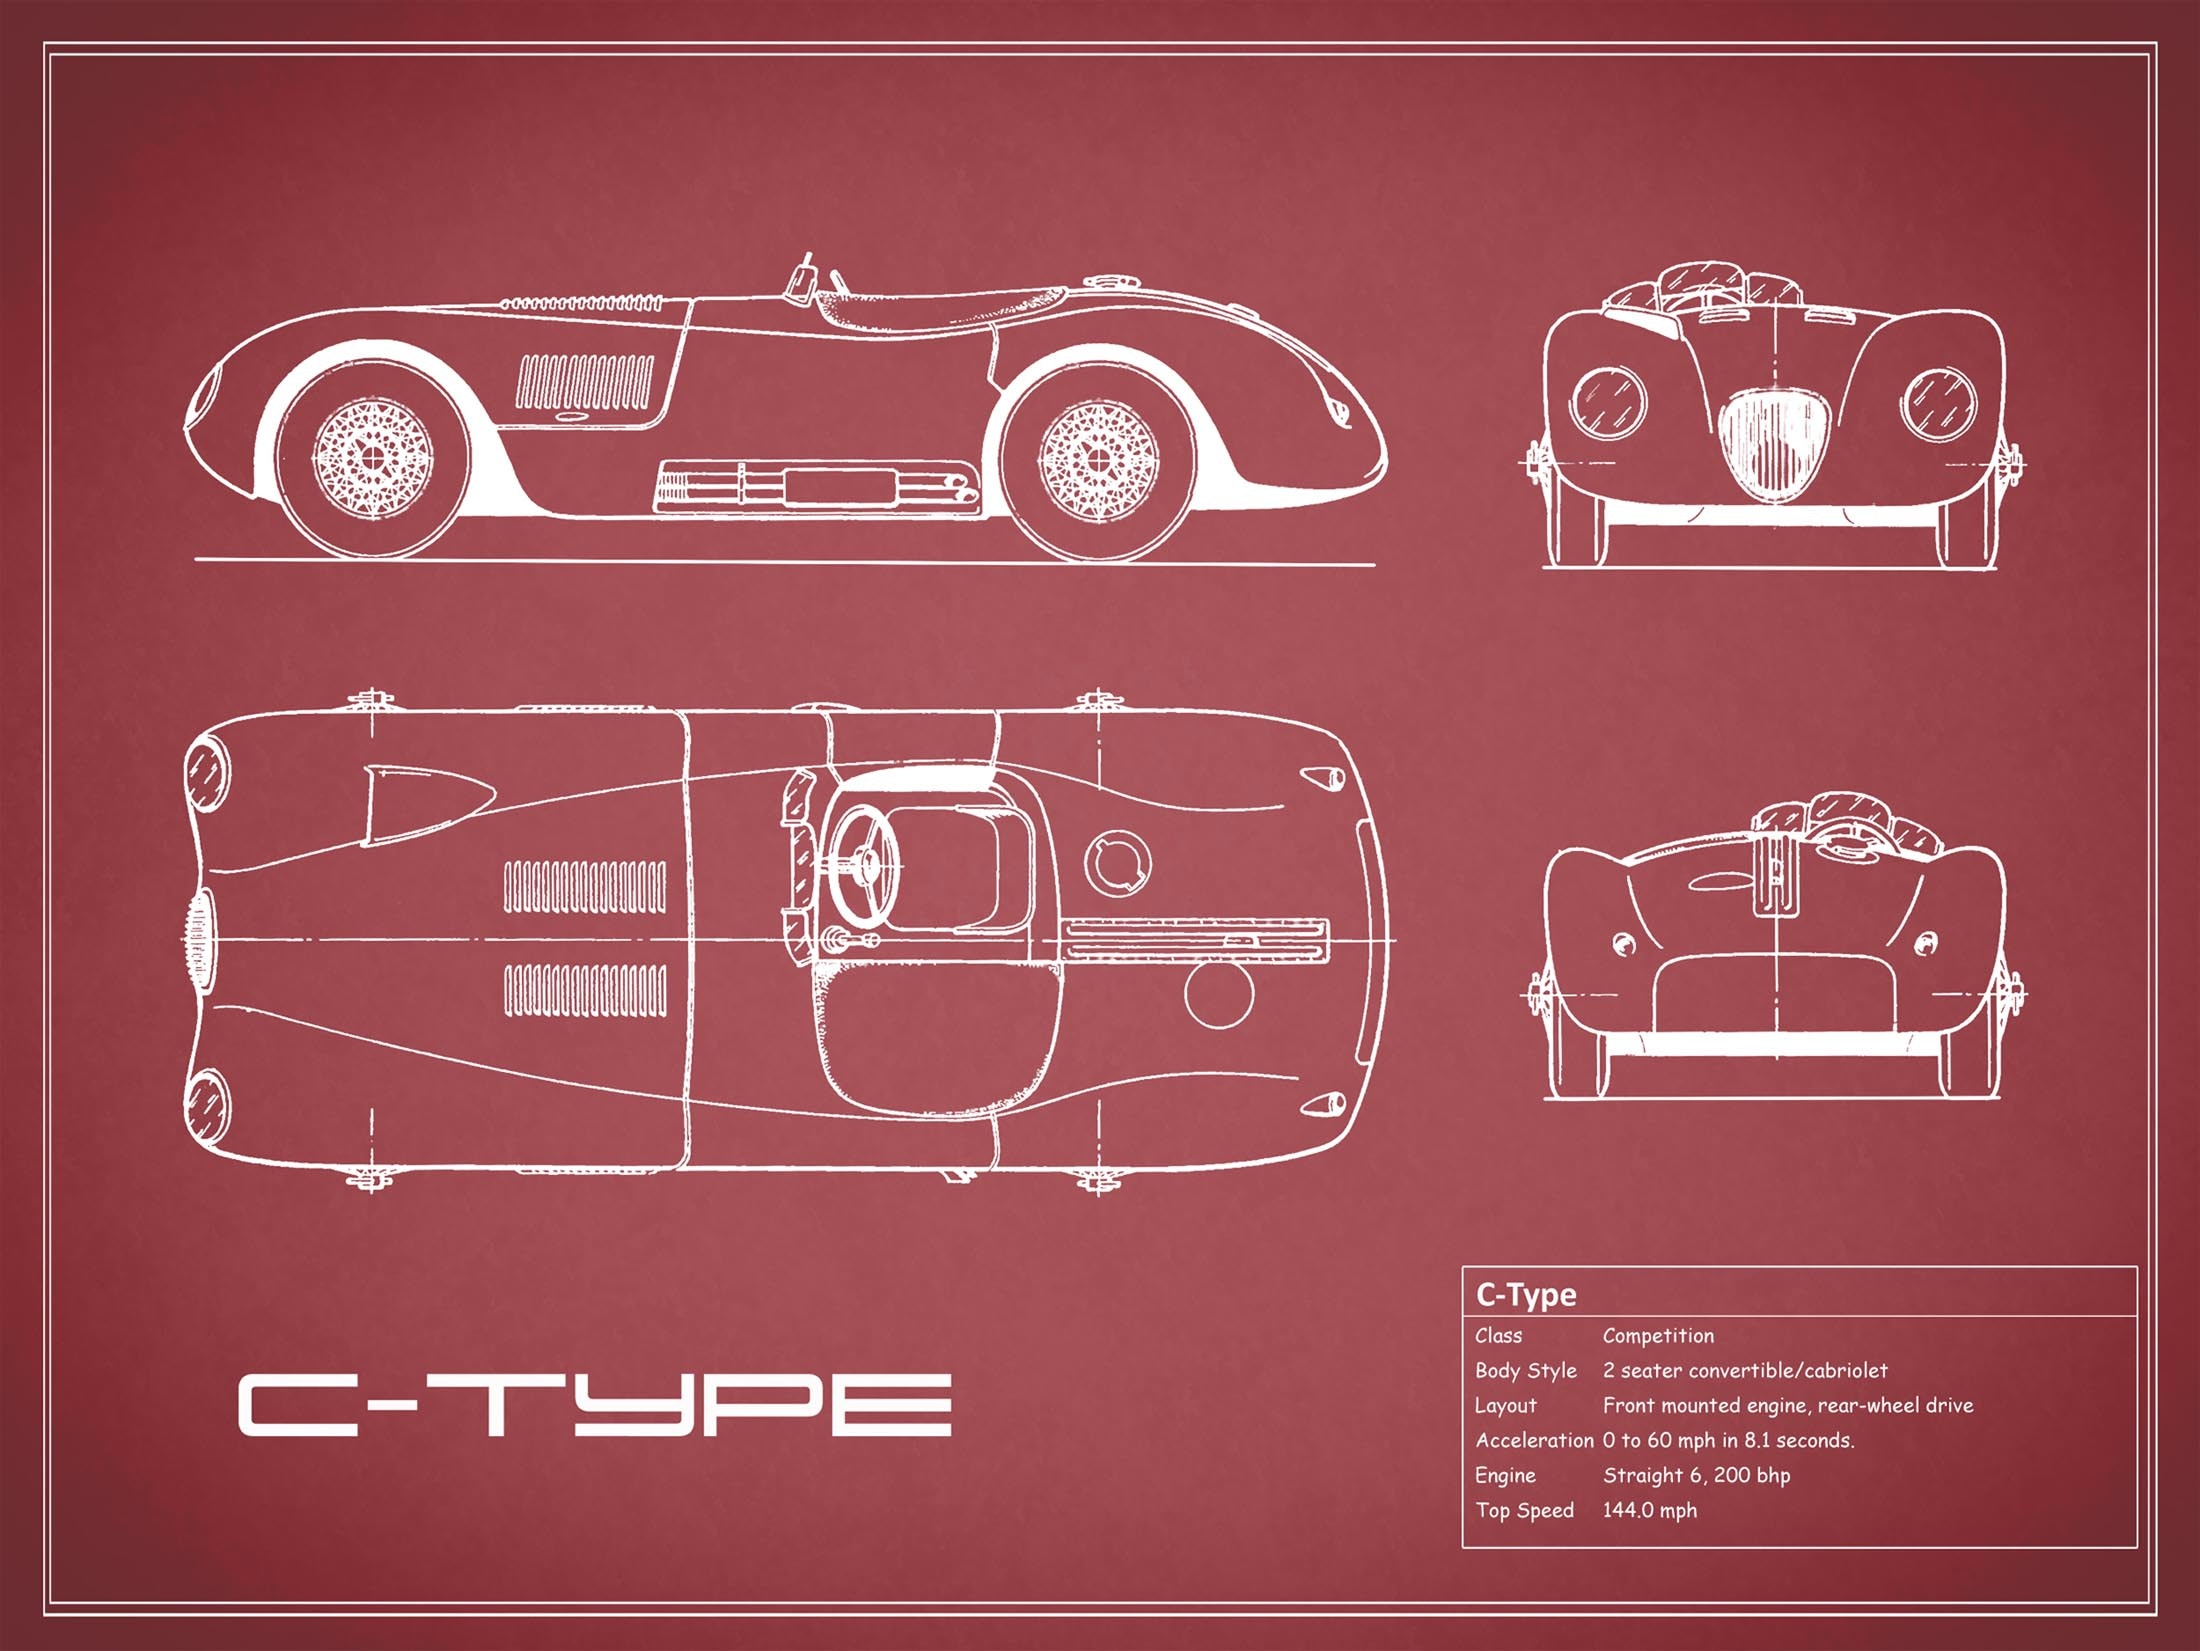 Jaguar C-type - Red